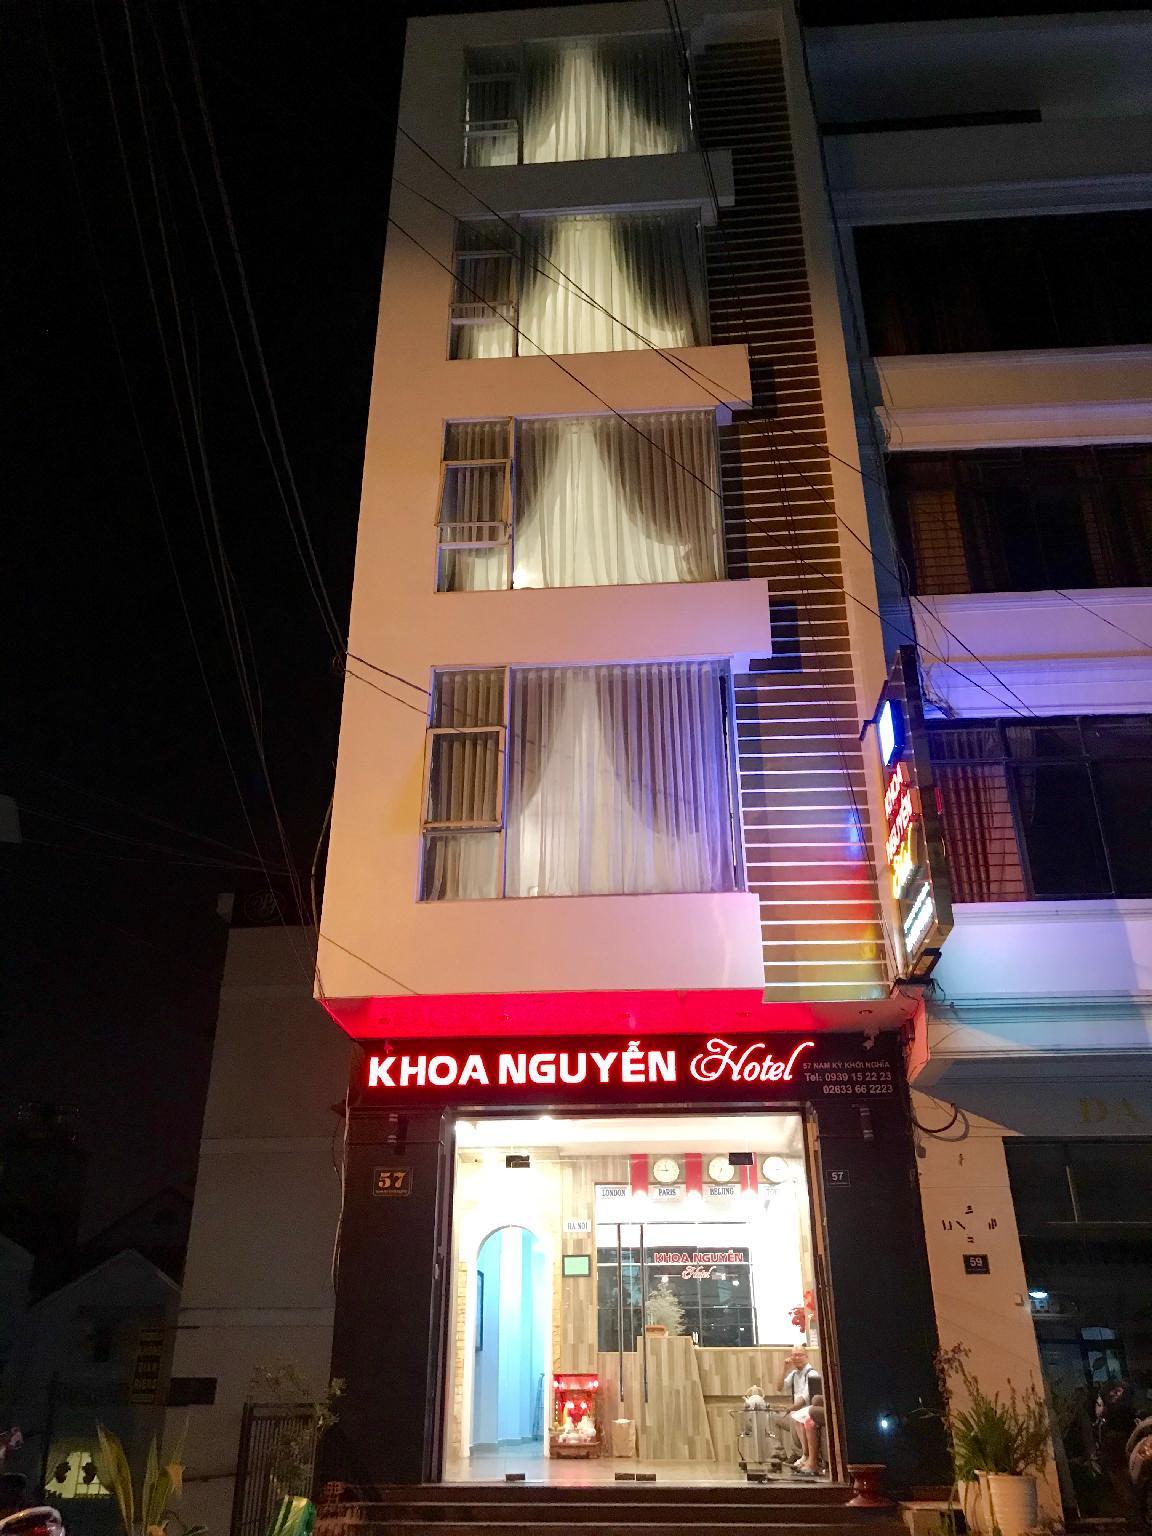 Khoa Nguyen Hotel